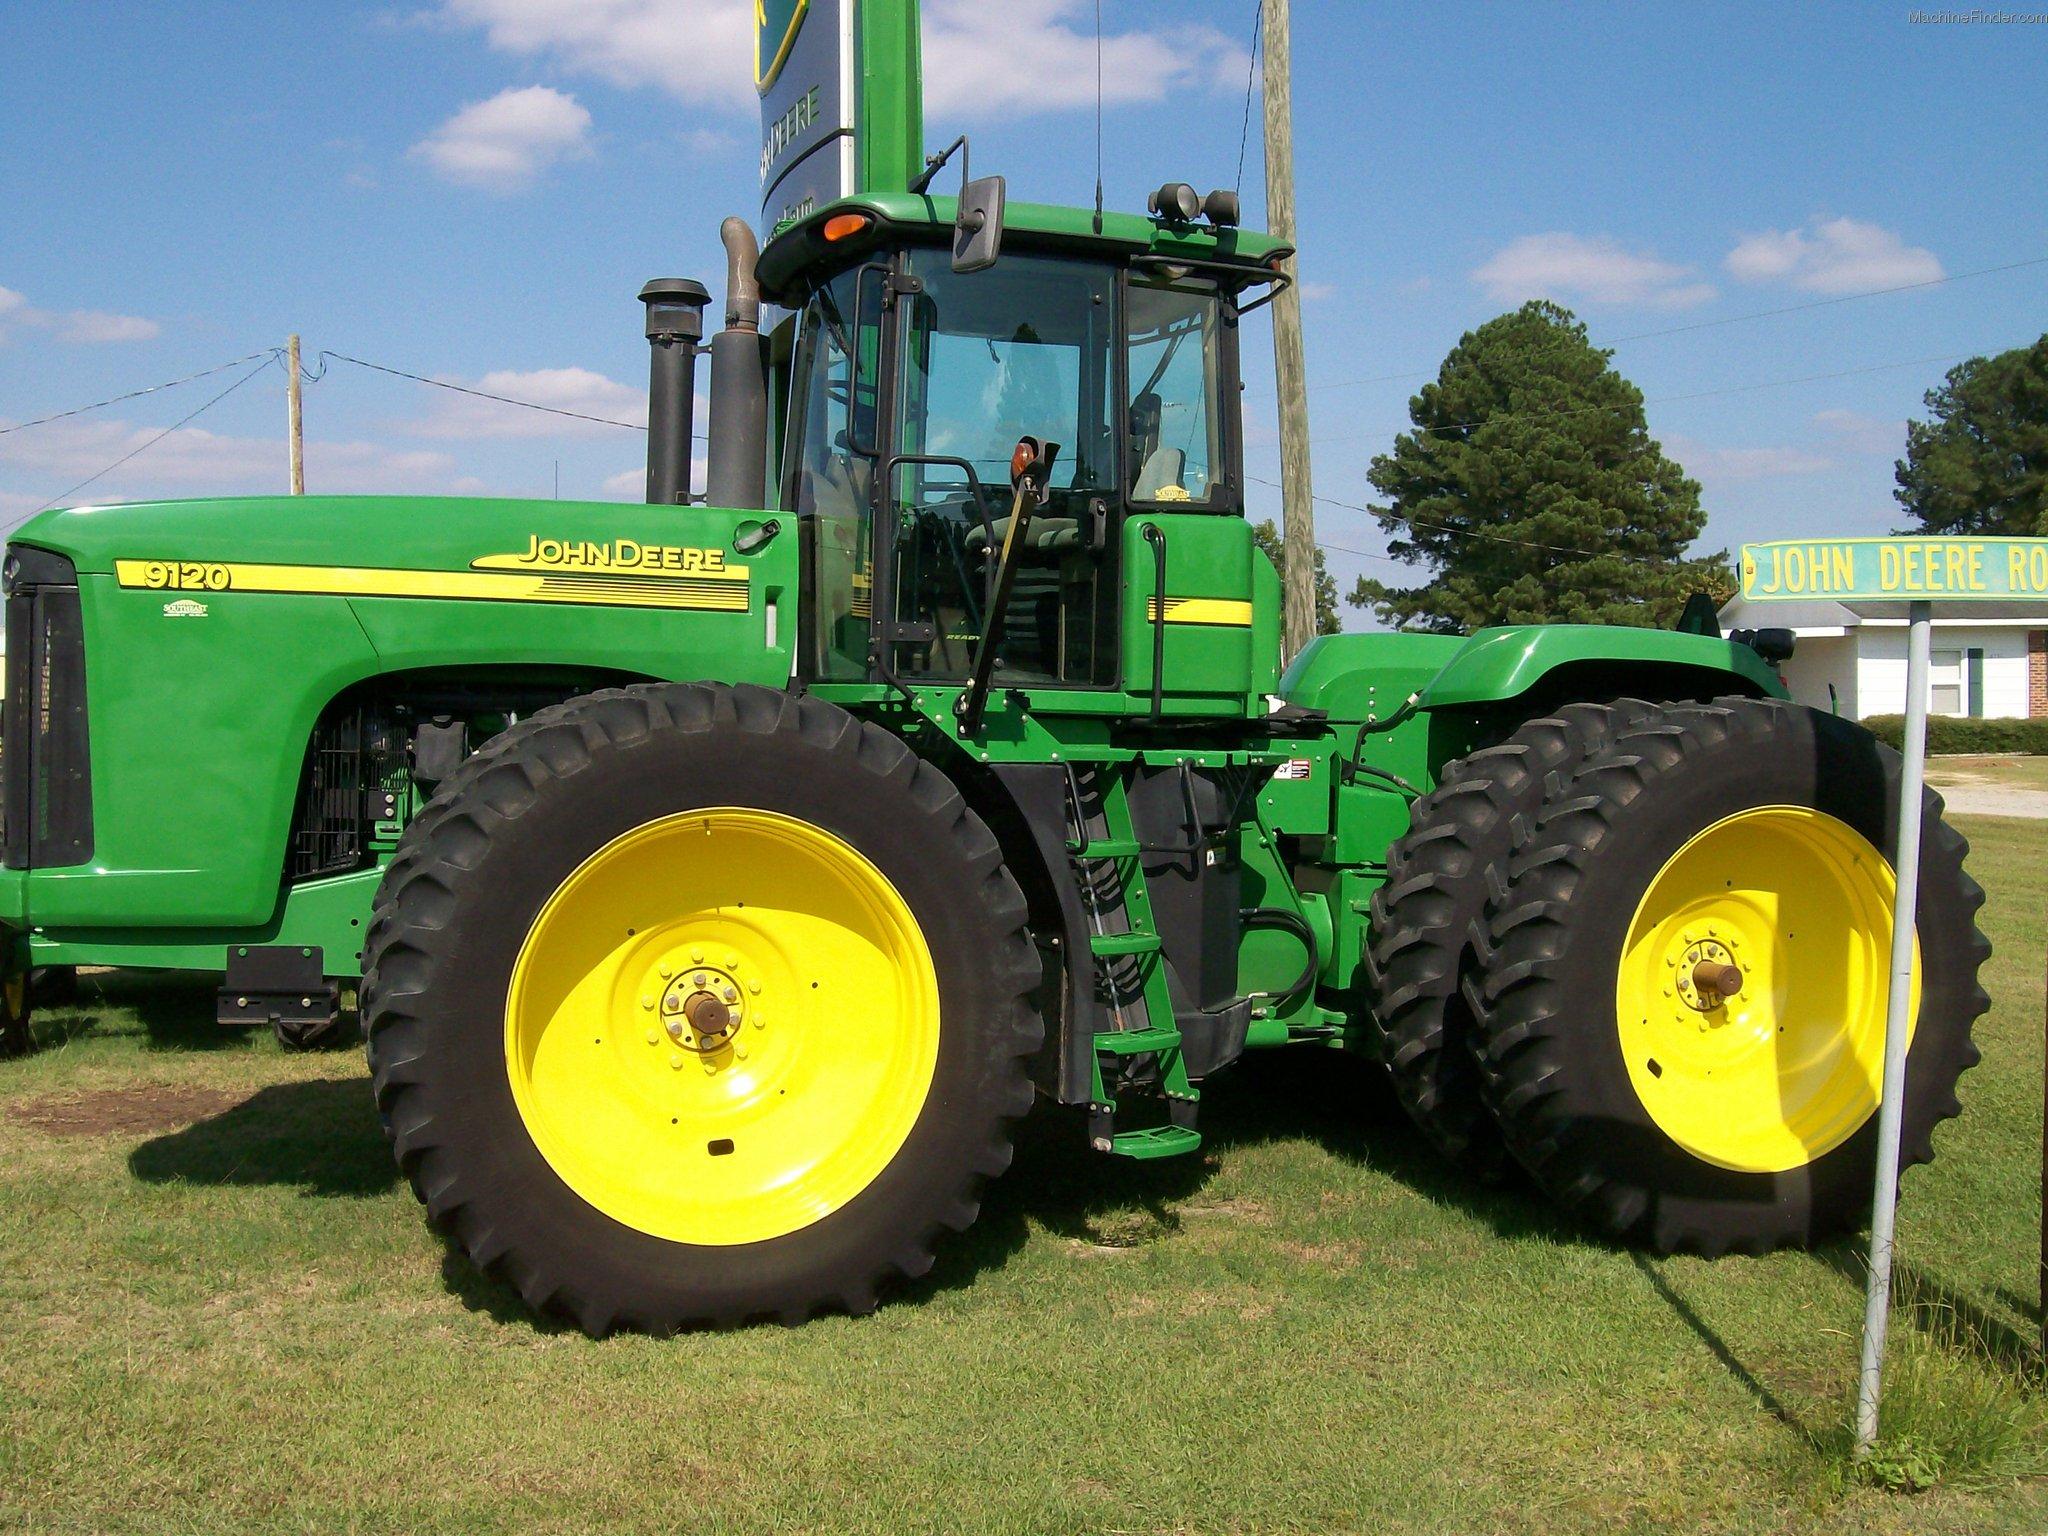 2004 John Deere 9120 Tractors - Articulated 4WD - John ...